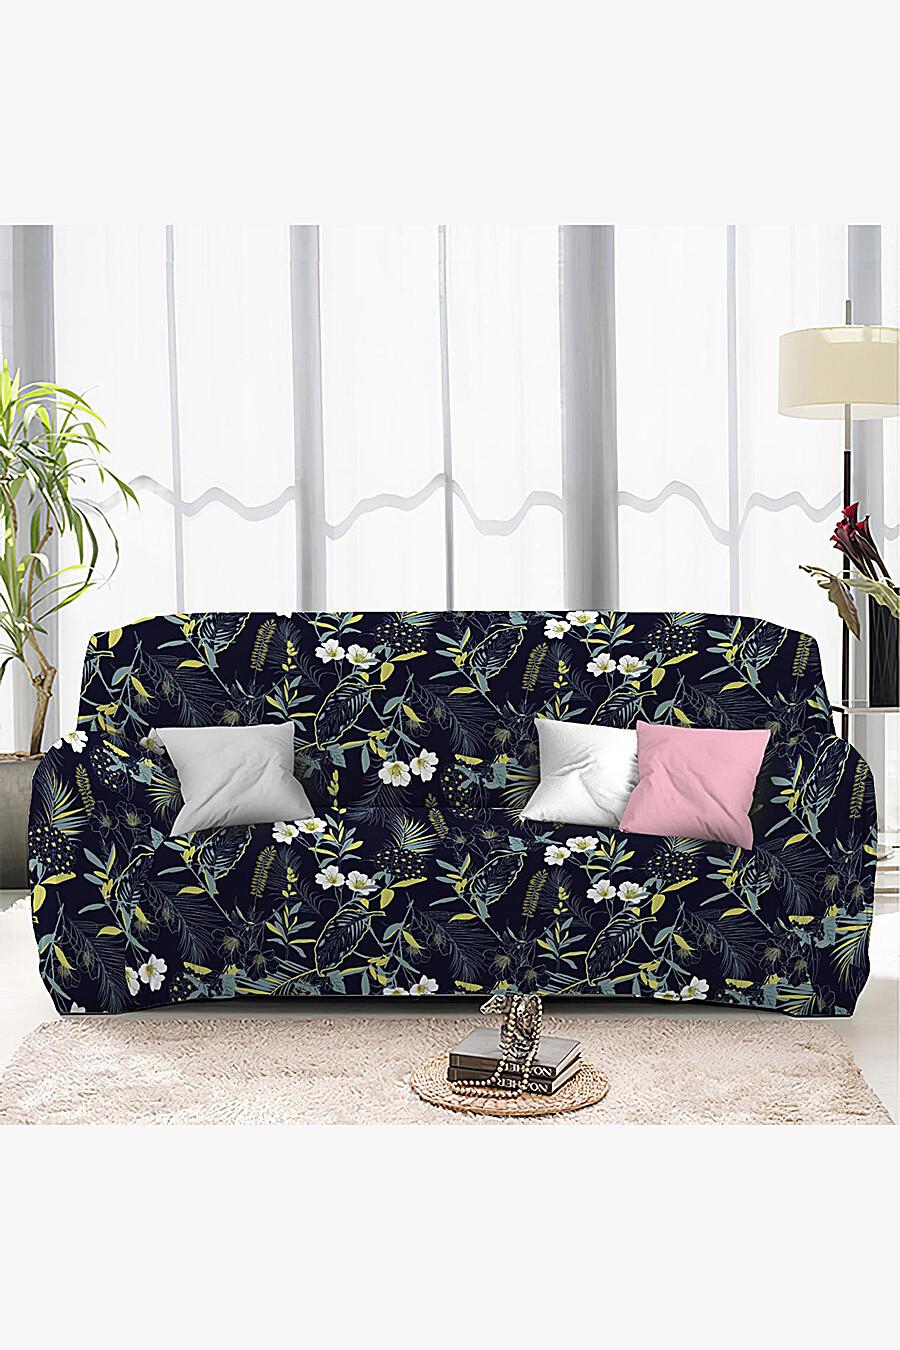 Чехол на диван для дома ART HOME TEXTILE 162865 купить оптом от производителя. Совместная покупка товаров для дома в OptMoyo